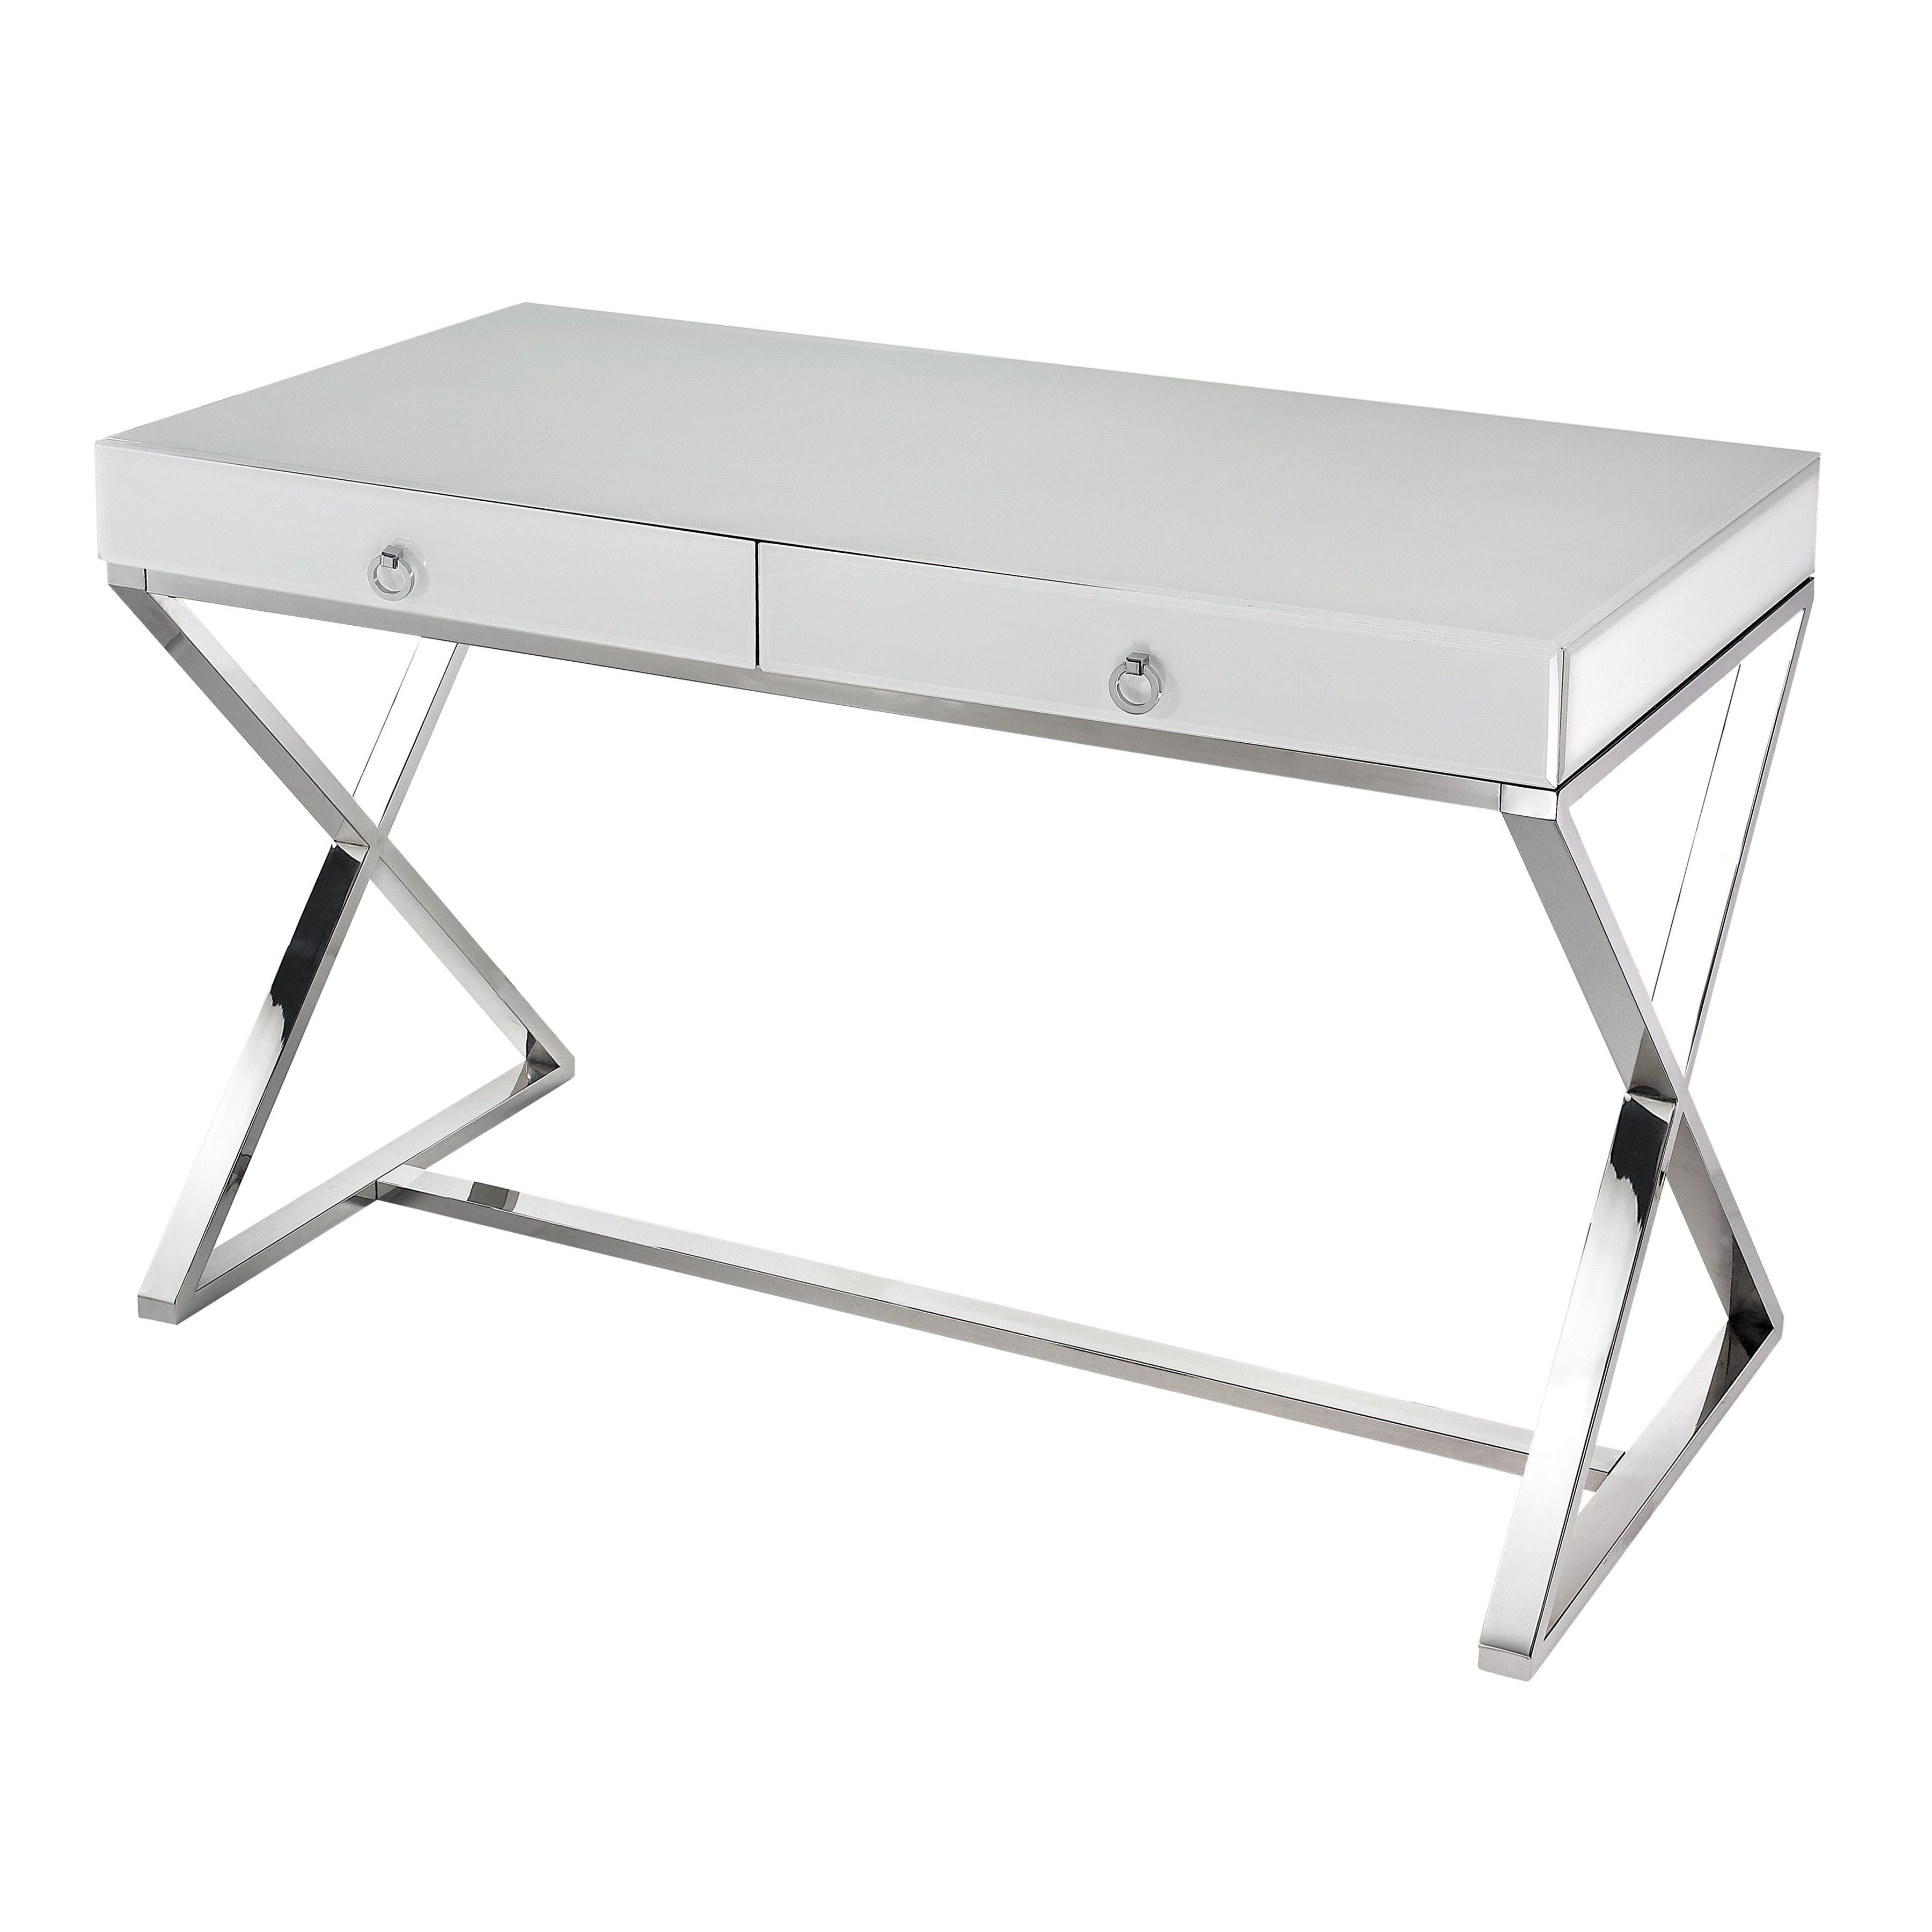 Super White Glass 2-Drawer Desk 1141105 | ELK Home